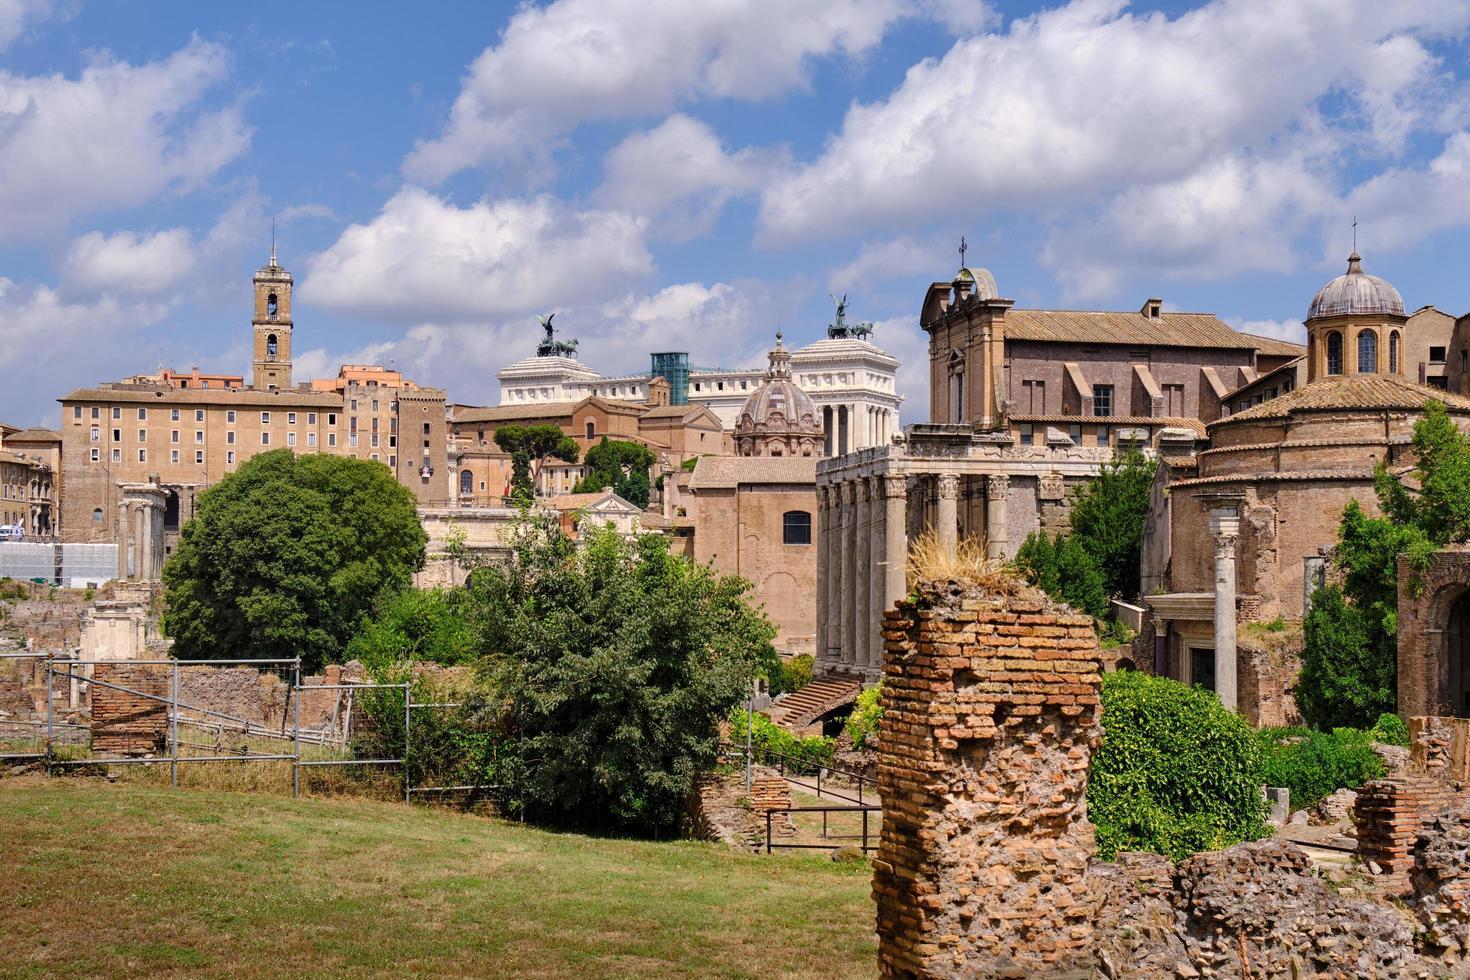 fori imperiali dell'antica roma foto